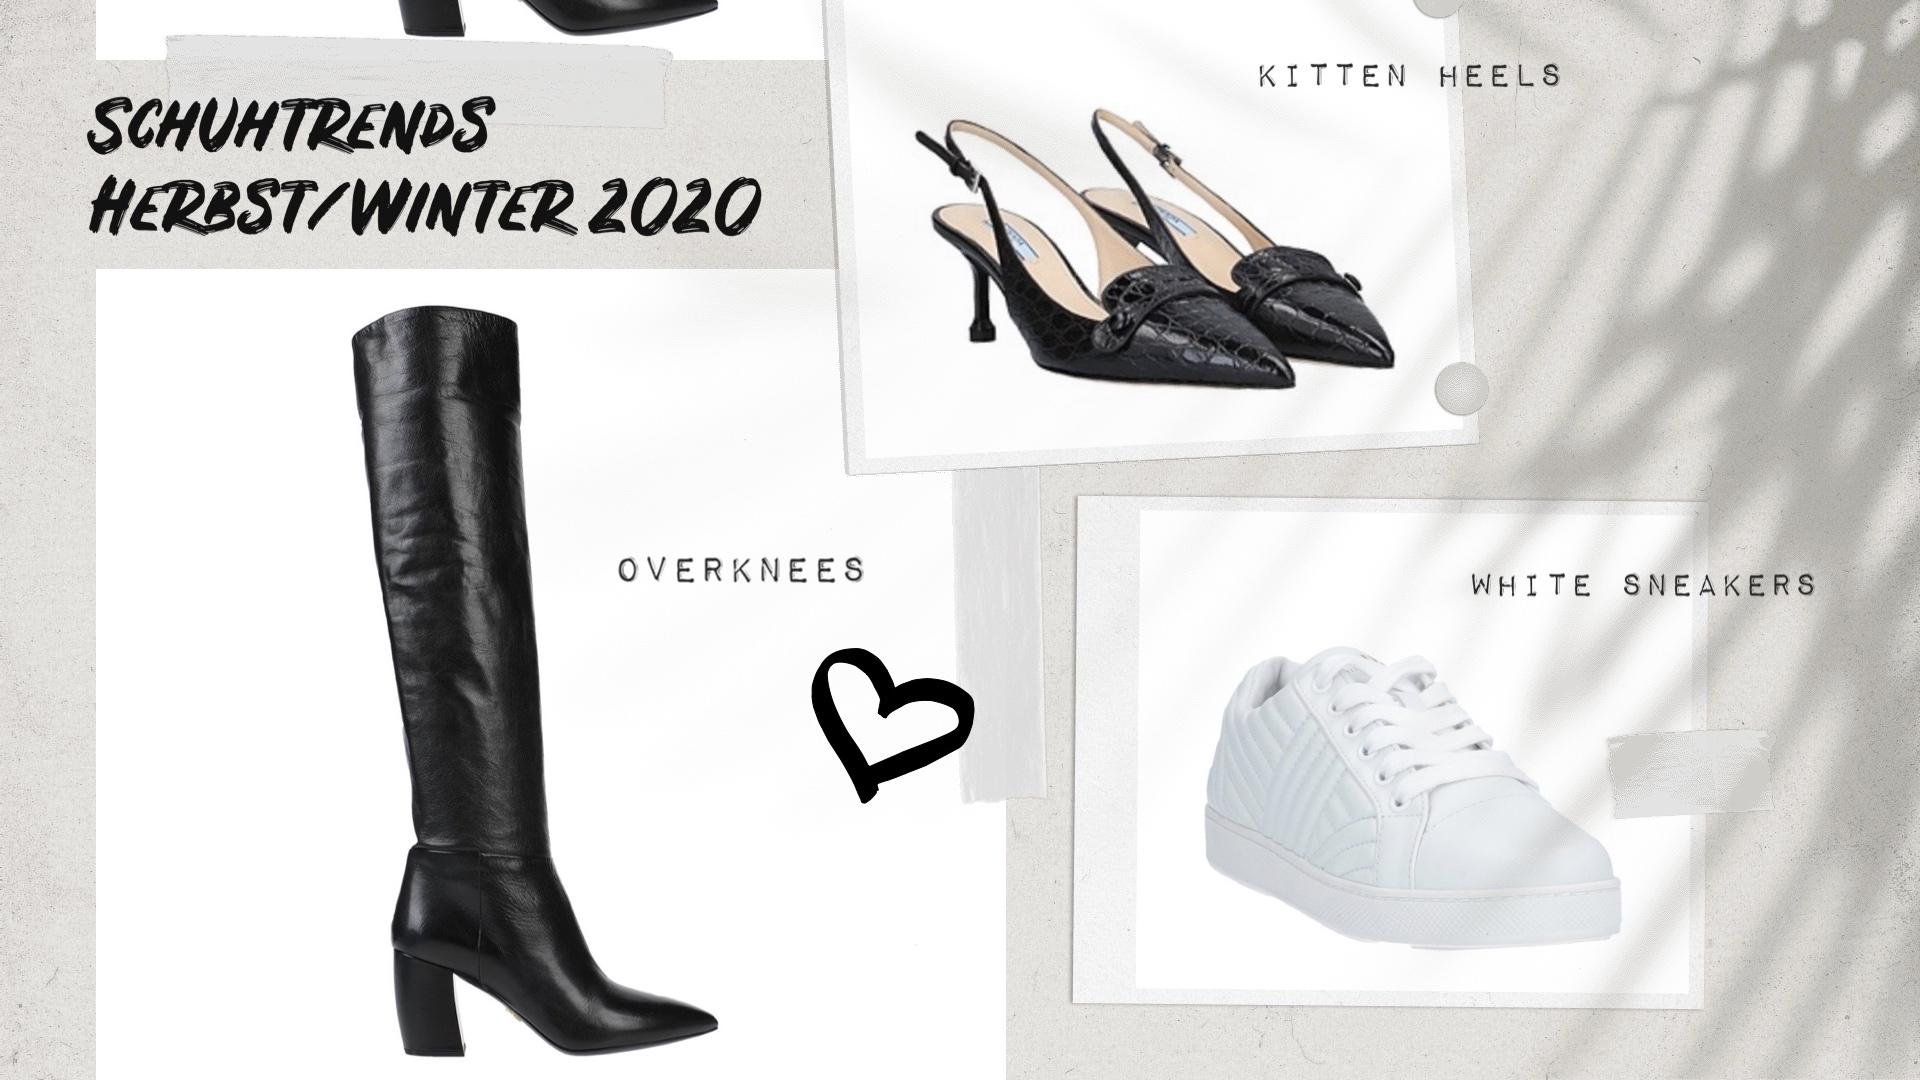 Schuhtrends Herbst Winter 2020